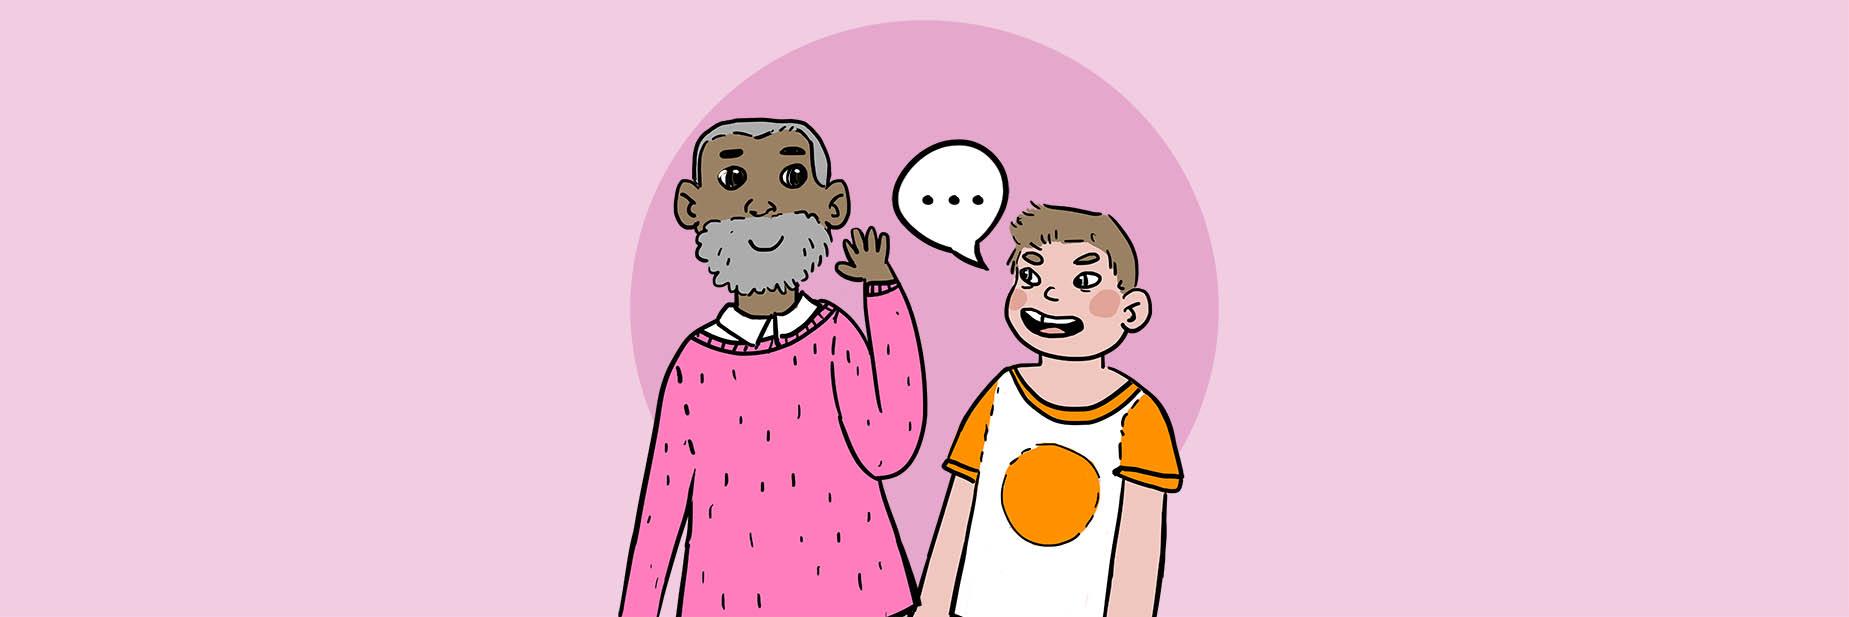 Barnkonventionens artikel 12 föreställande ett barn med t-shirt, som vänd mot en äldre man med skägg och ett mycket stort öra säger sin åsikt i form av en pratbubbla med ett utropstecken.